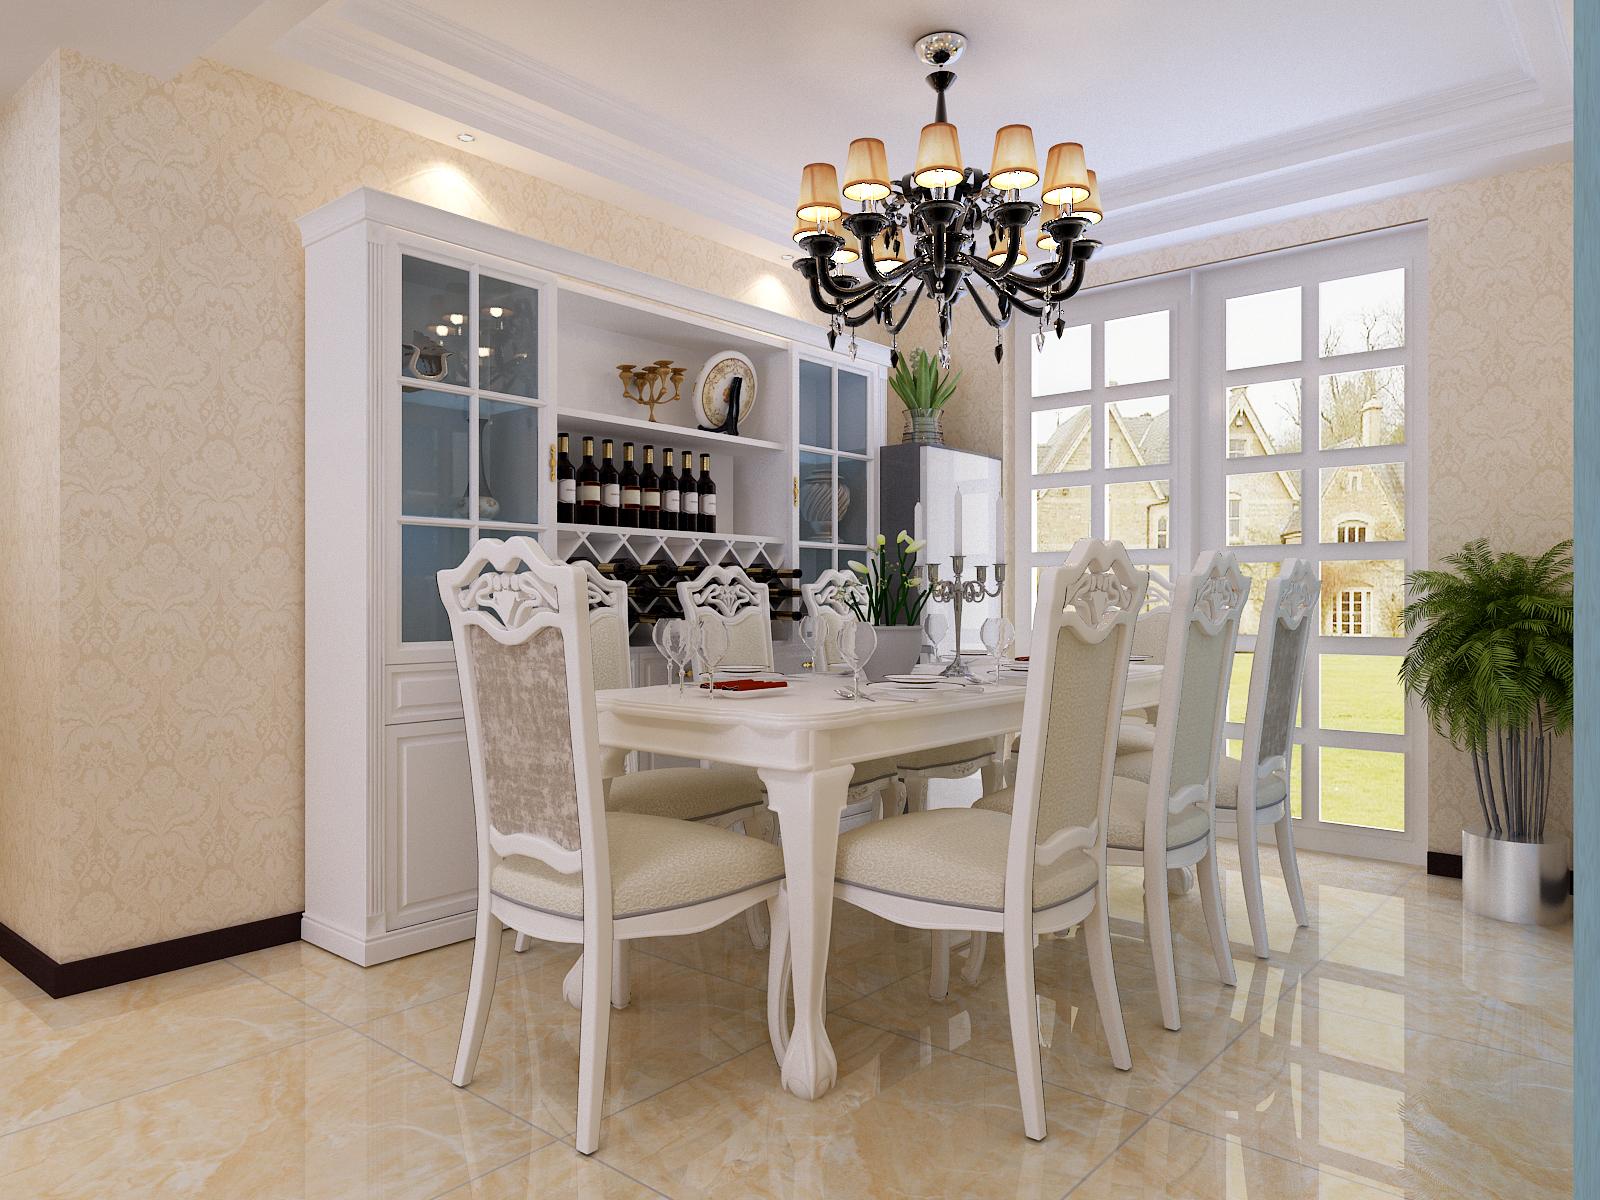 简约 欧式 混搭 三居 白领 小资 80后 餐厅图片来自杨会峰在简欧2的分享